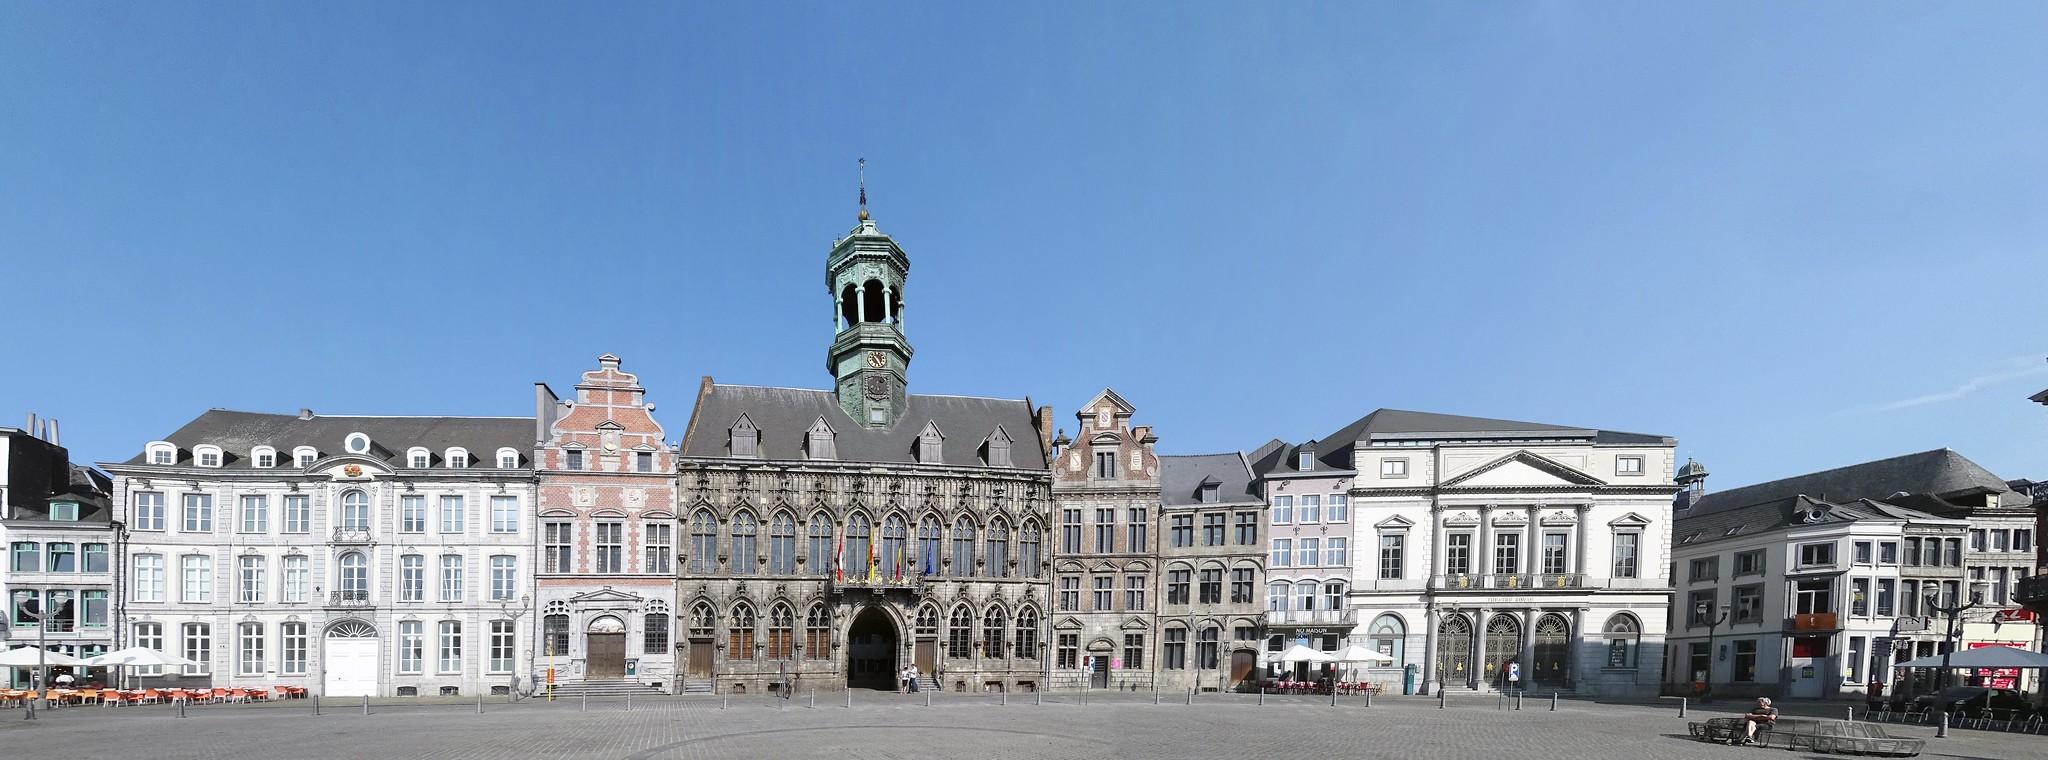 Gran Plaza panoramica y Ayuntamiento de Mons Belgica